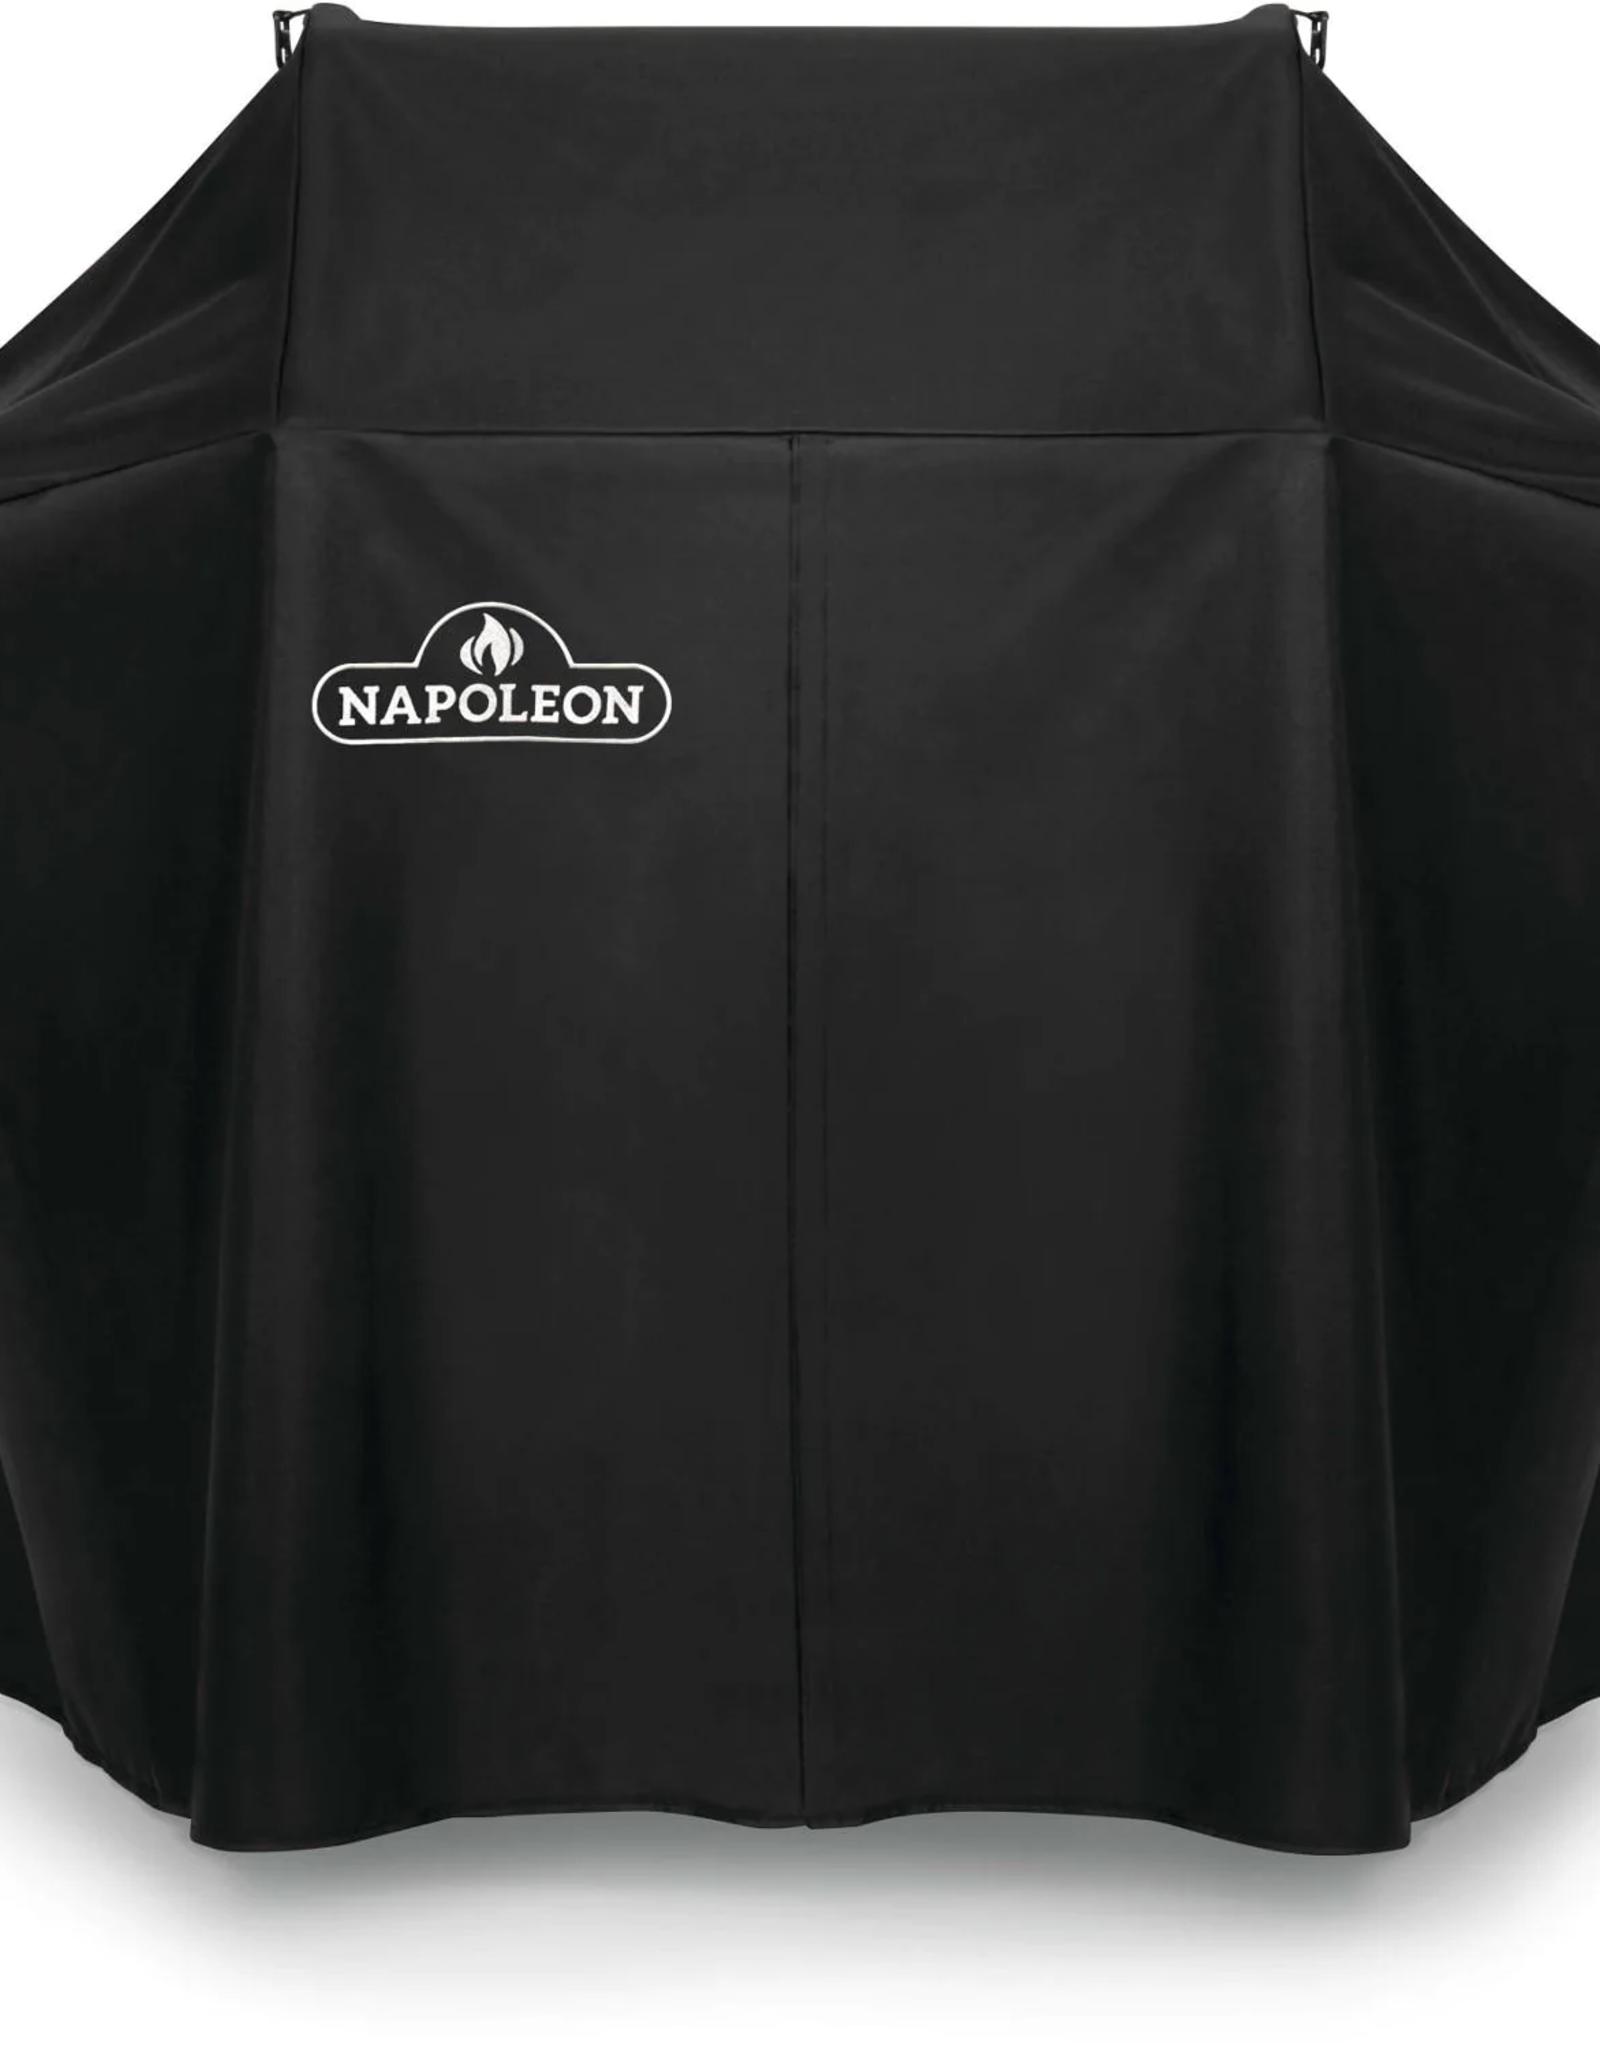 Napoleon Napoleon Rogue 425 Series Grill Cover - 61427